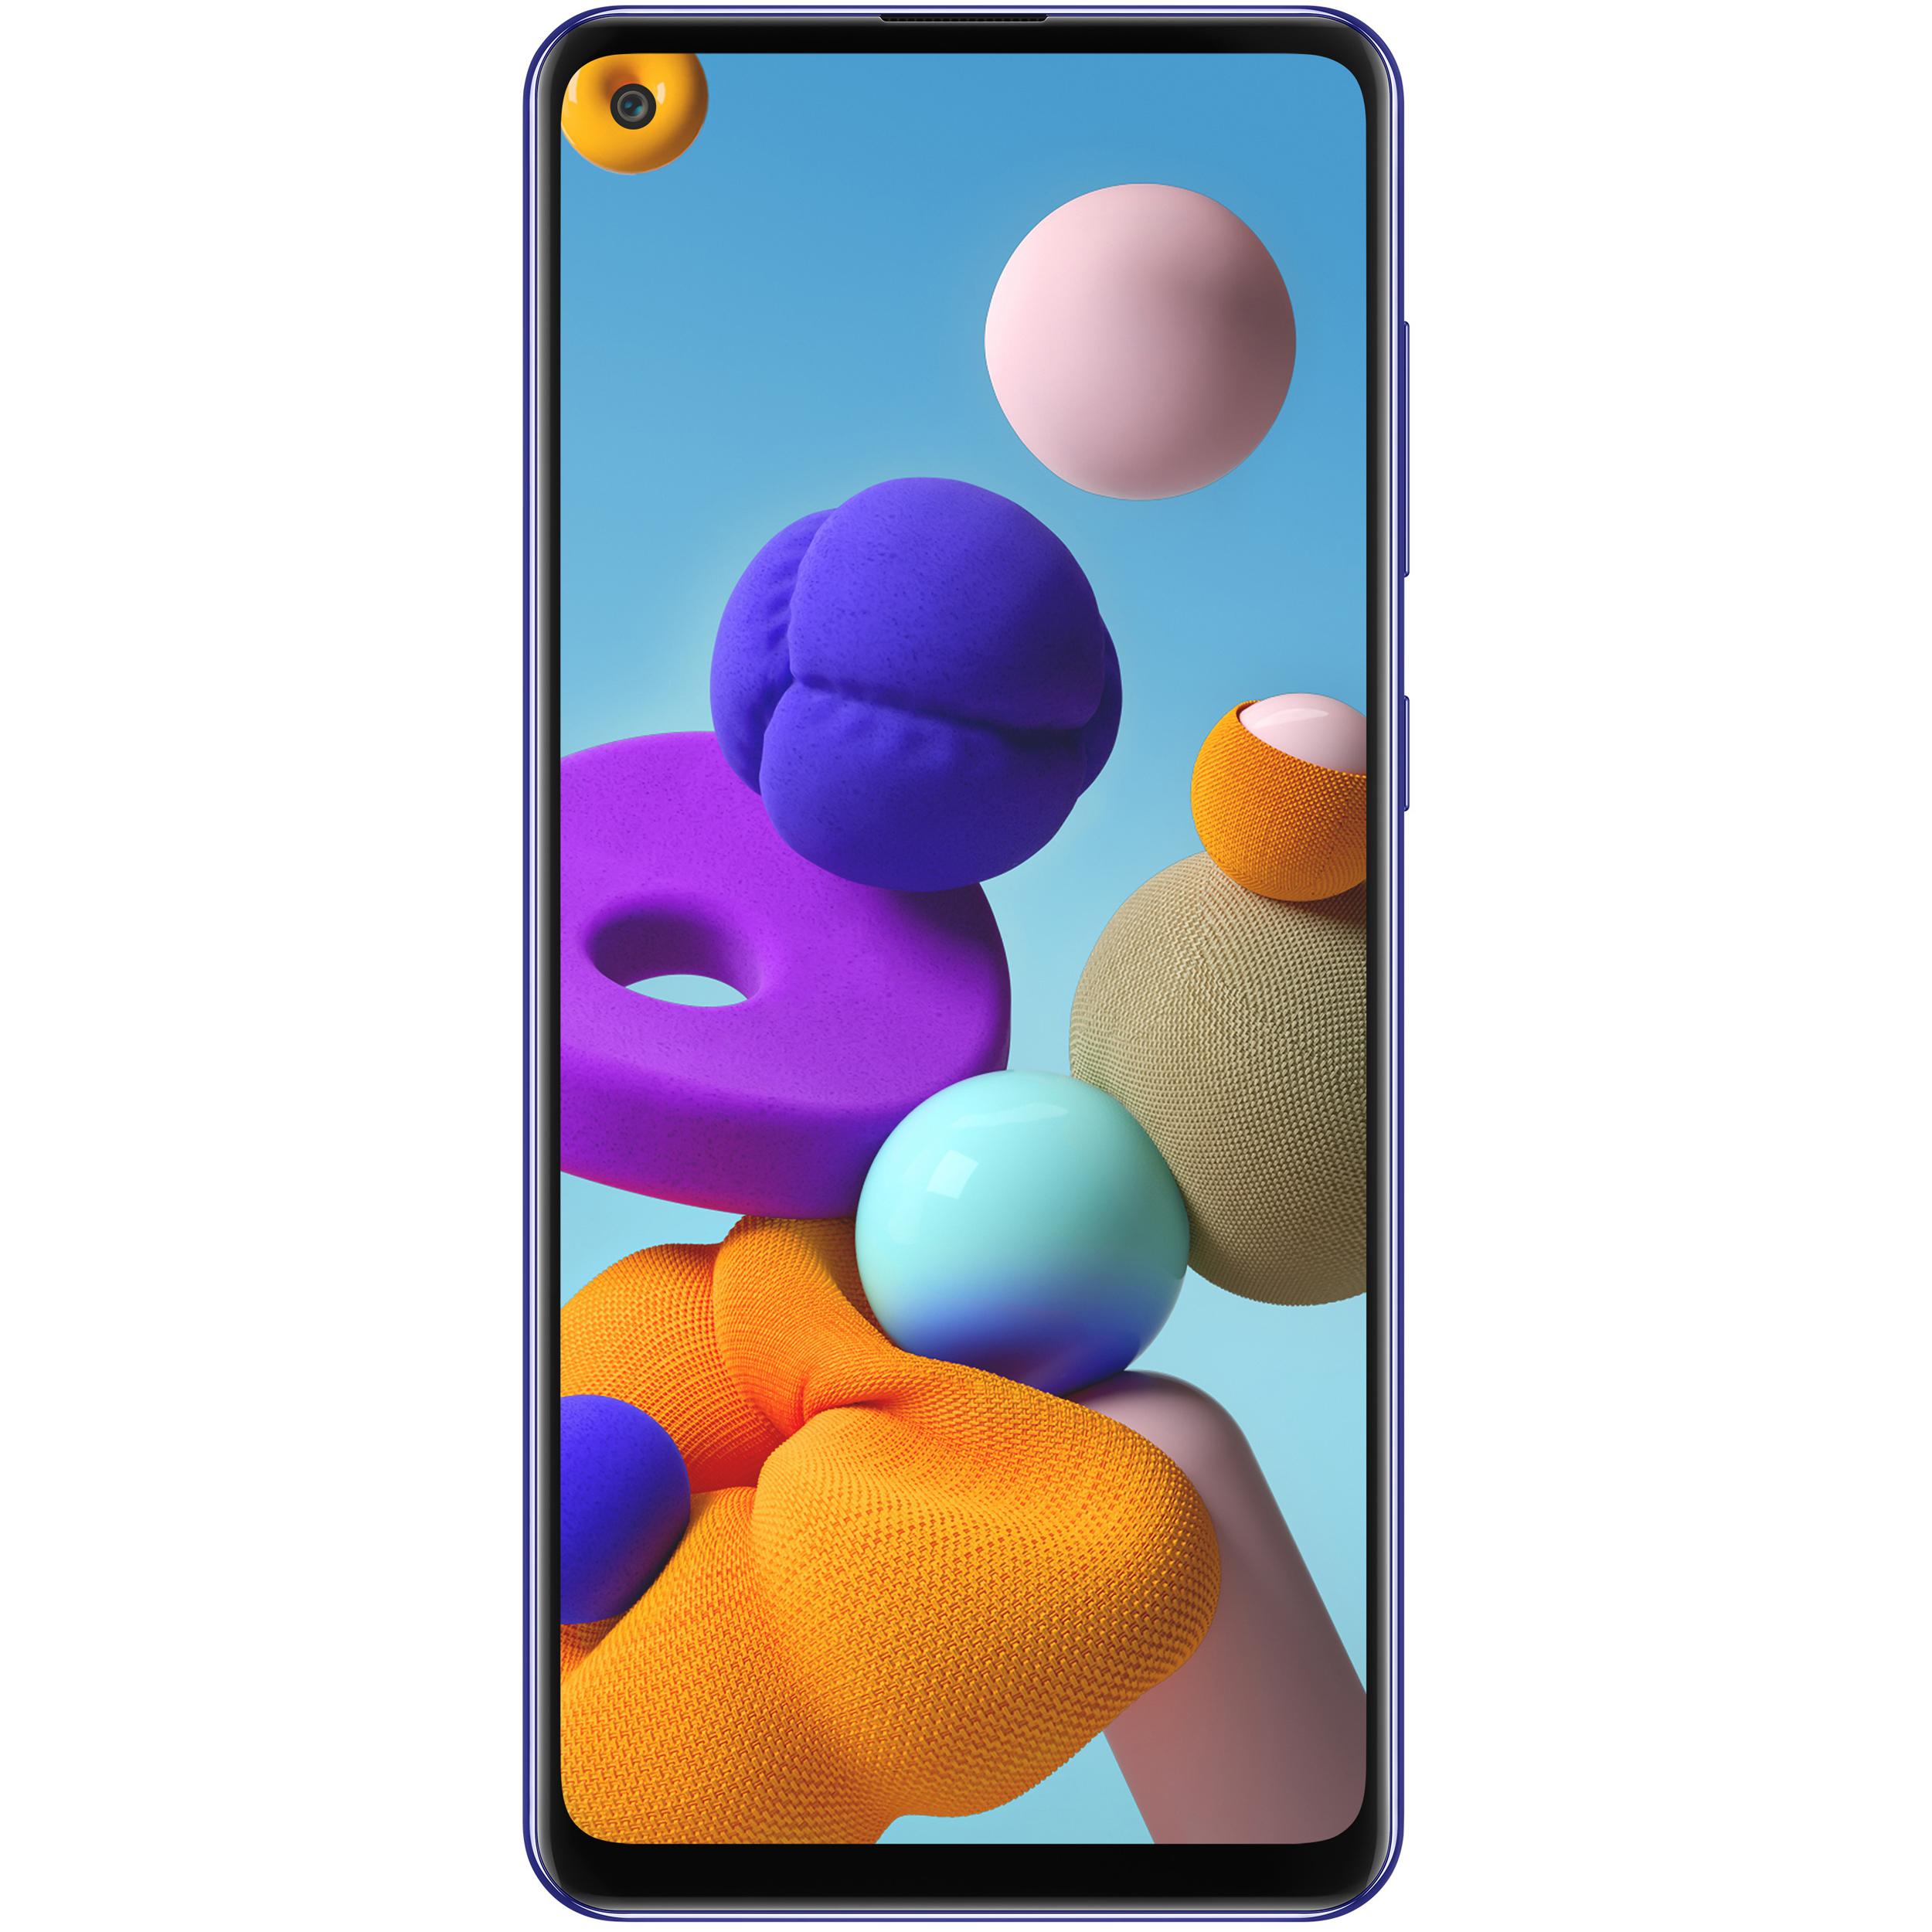 گوشی موبایل سامسونگ مدل Galaxy A21S SM-A217F/DS دو سیمکارت ظرفیت 64 گیگابایت - طرح قیمت شگفت انگیز